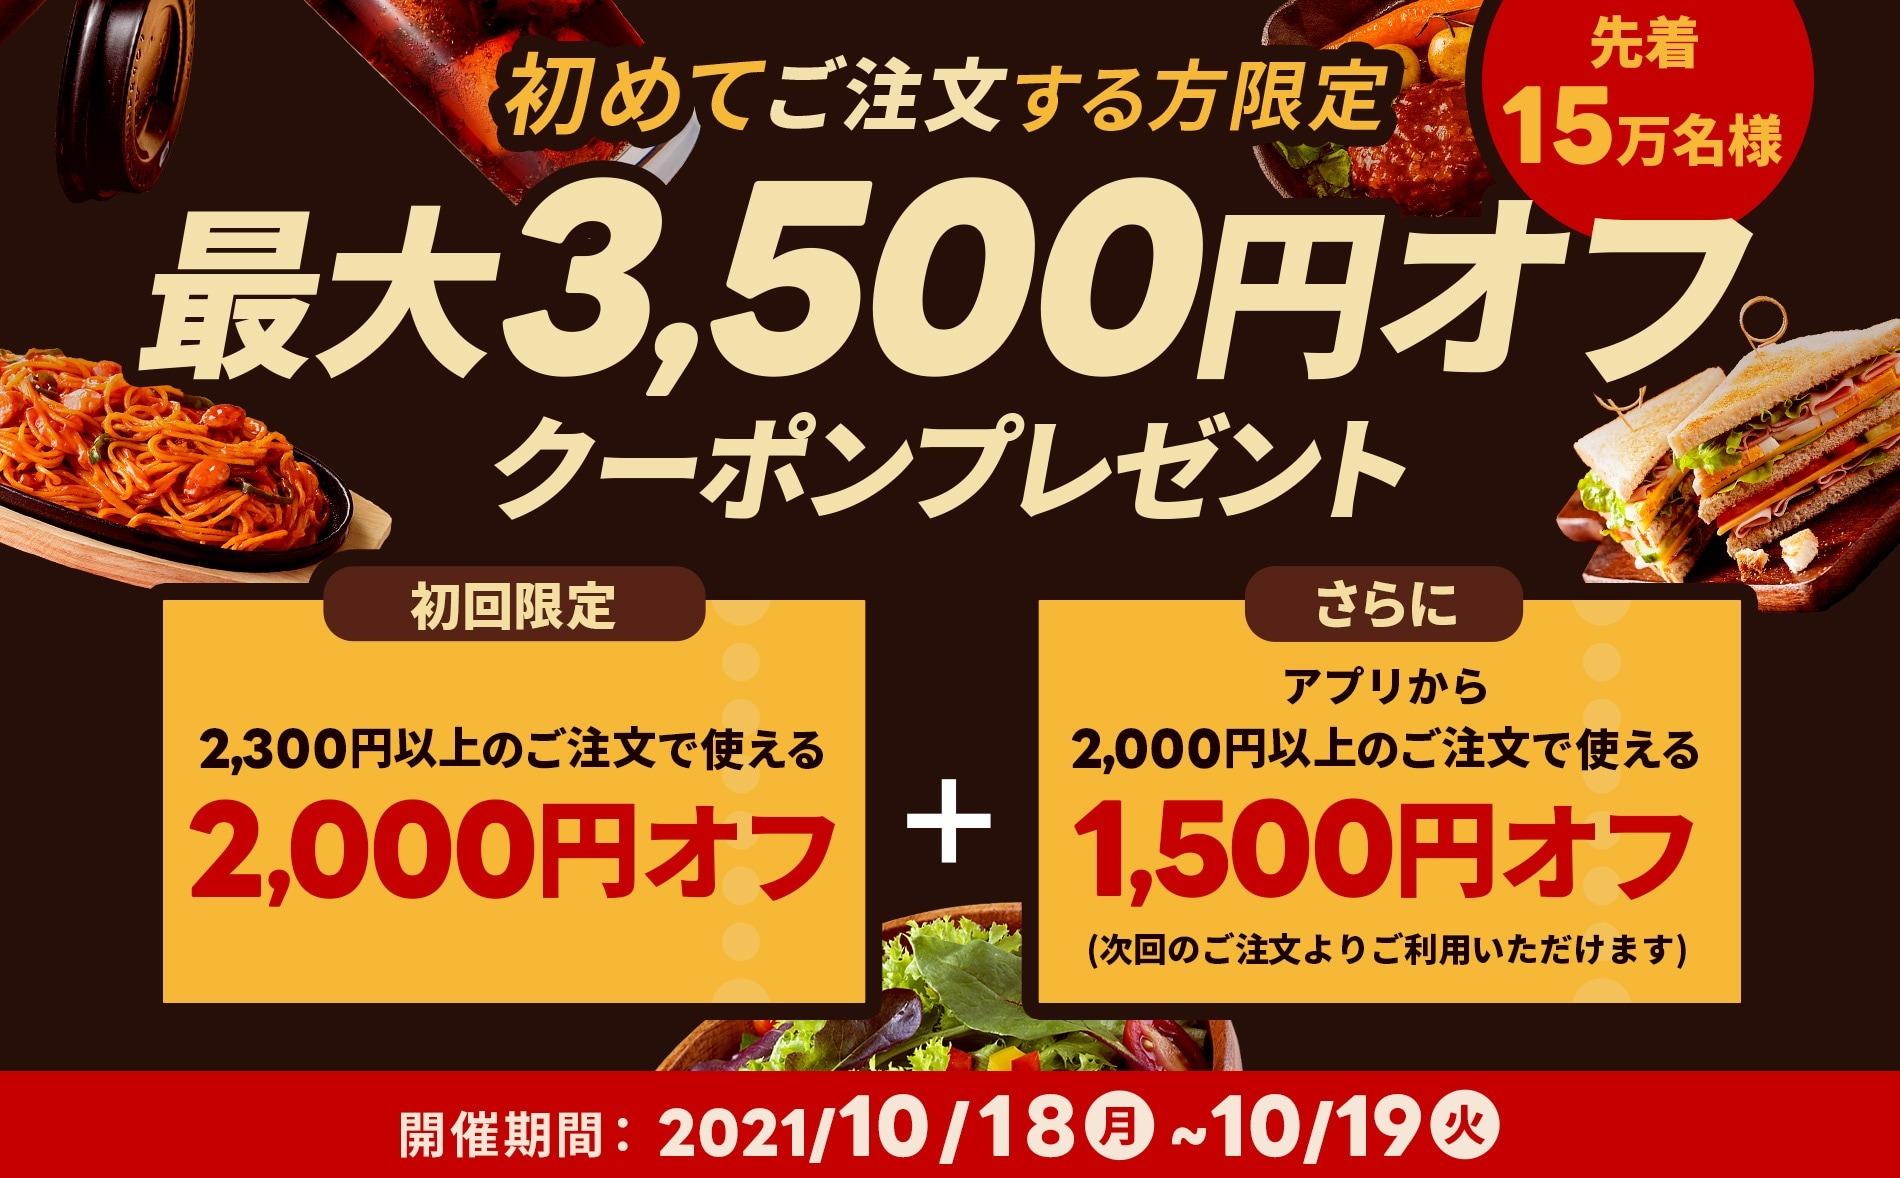 《先着15万名様限定》出前館はじめての方限定で最大3,500円オフ!